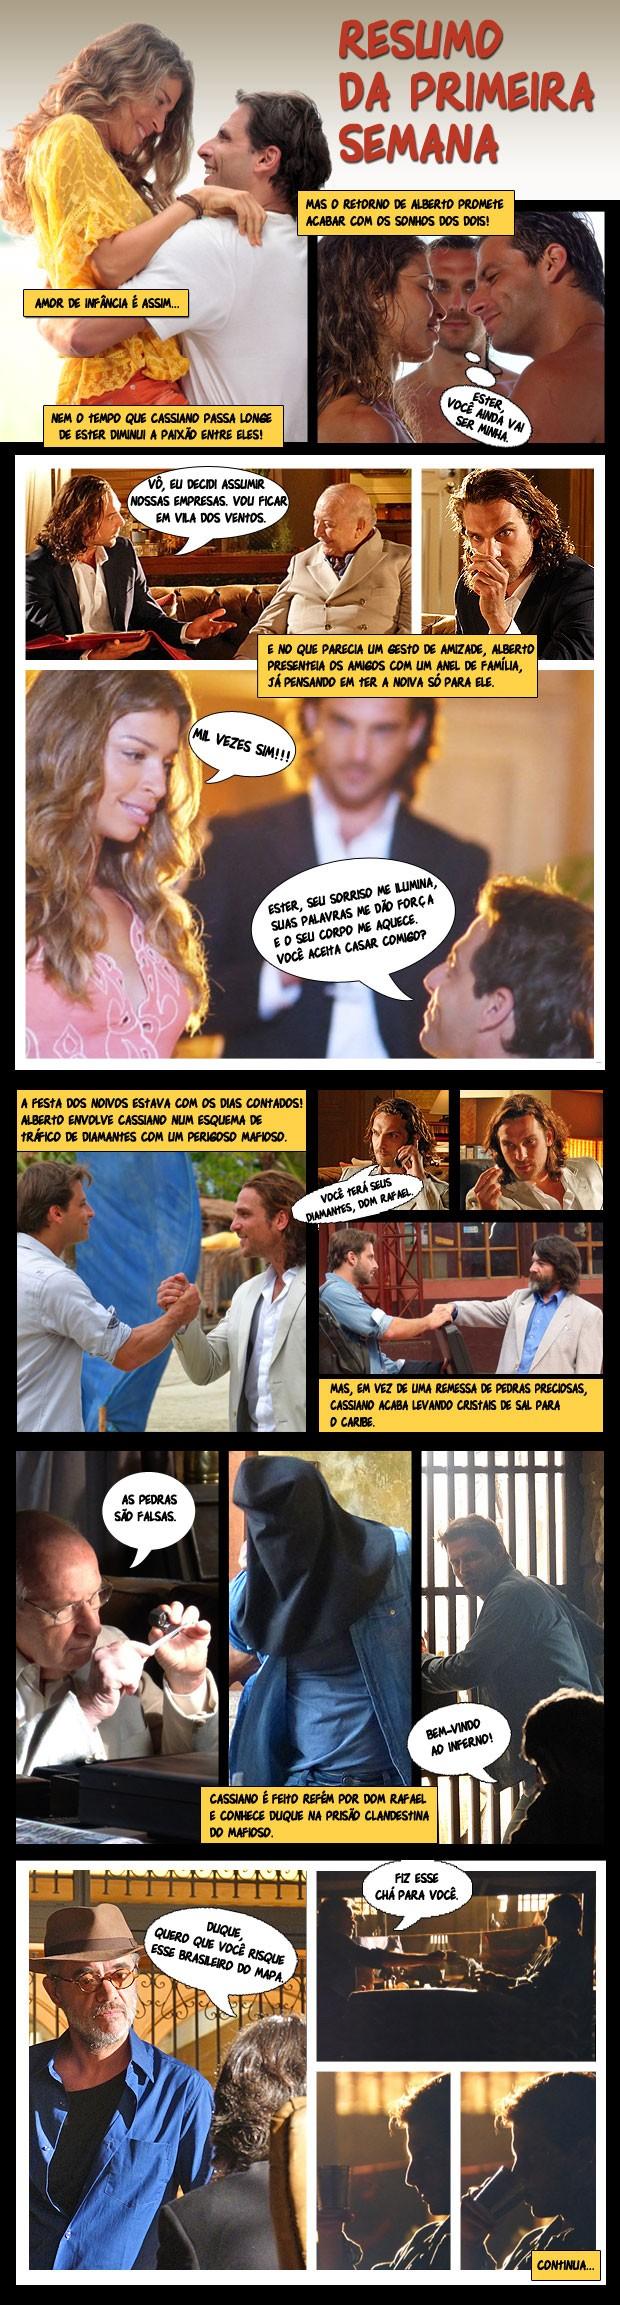 Resumo da semana (Foto: Flor do Caribe / TV Globo)